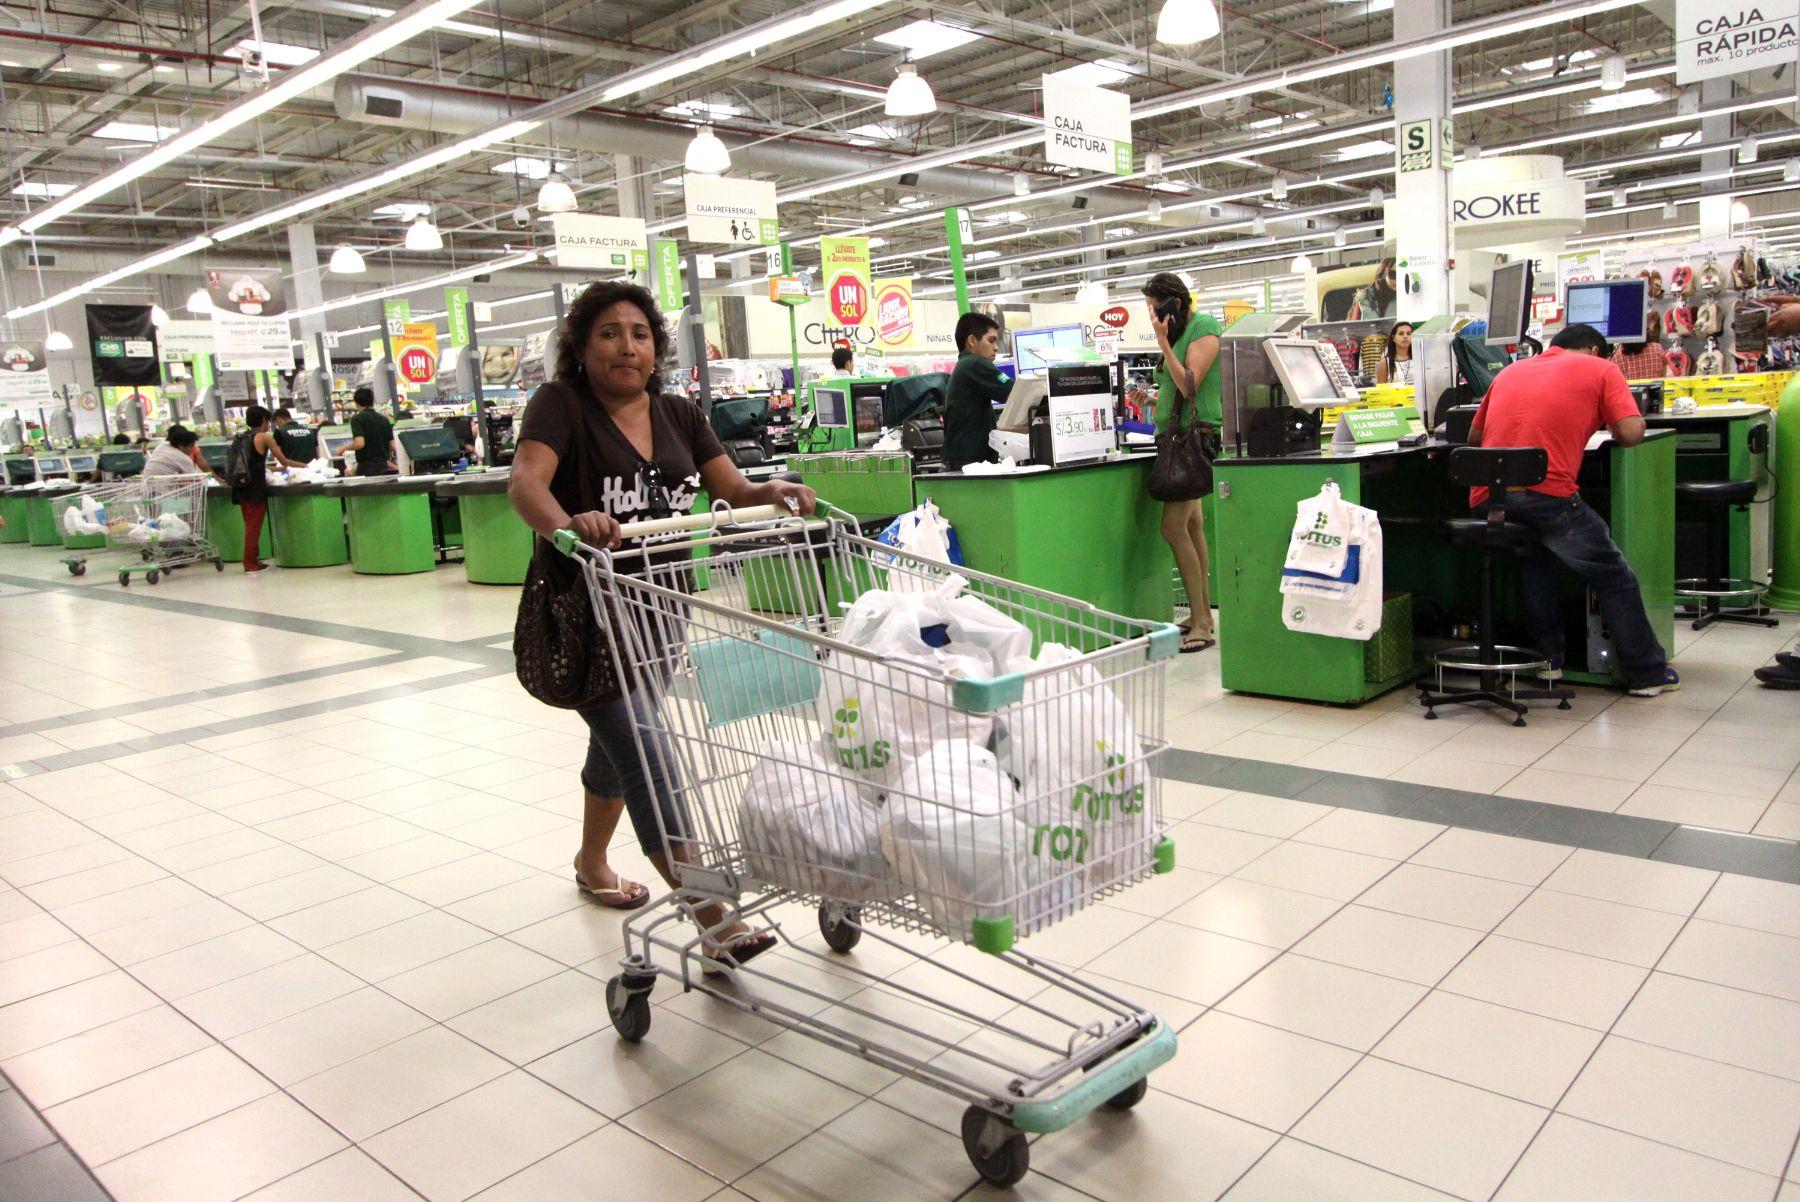 Supermercados Perú 1 - Perú: Comercio minorista crece 2,82% en noviembre del 2018